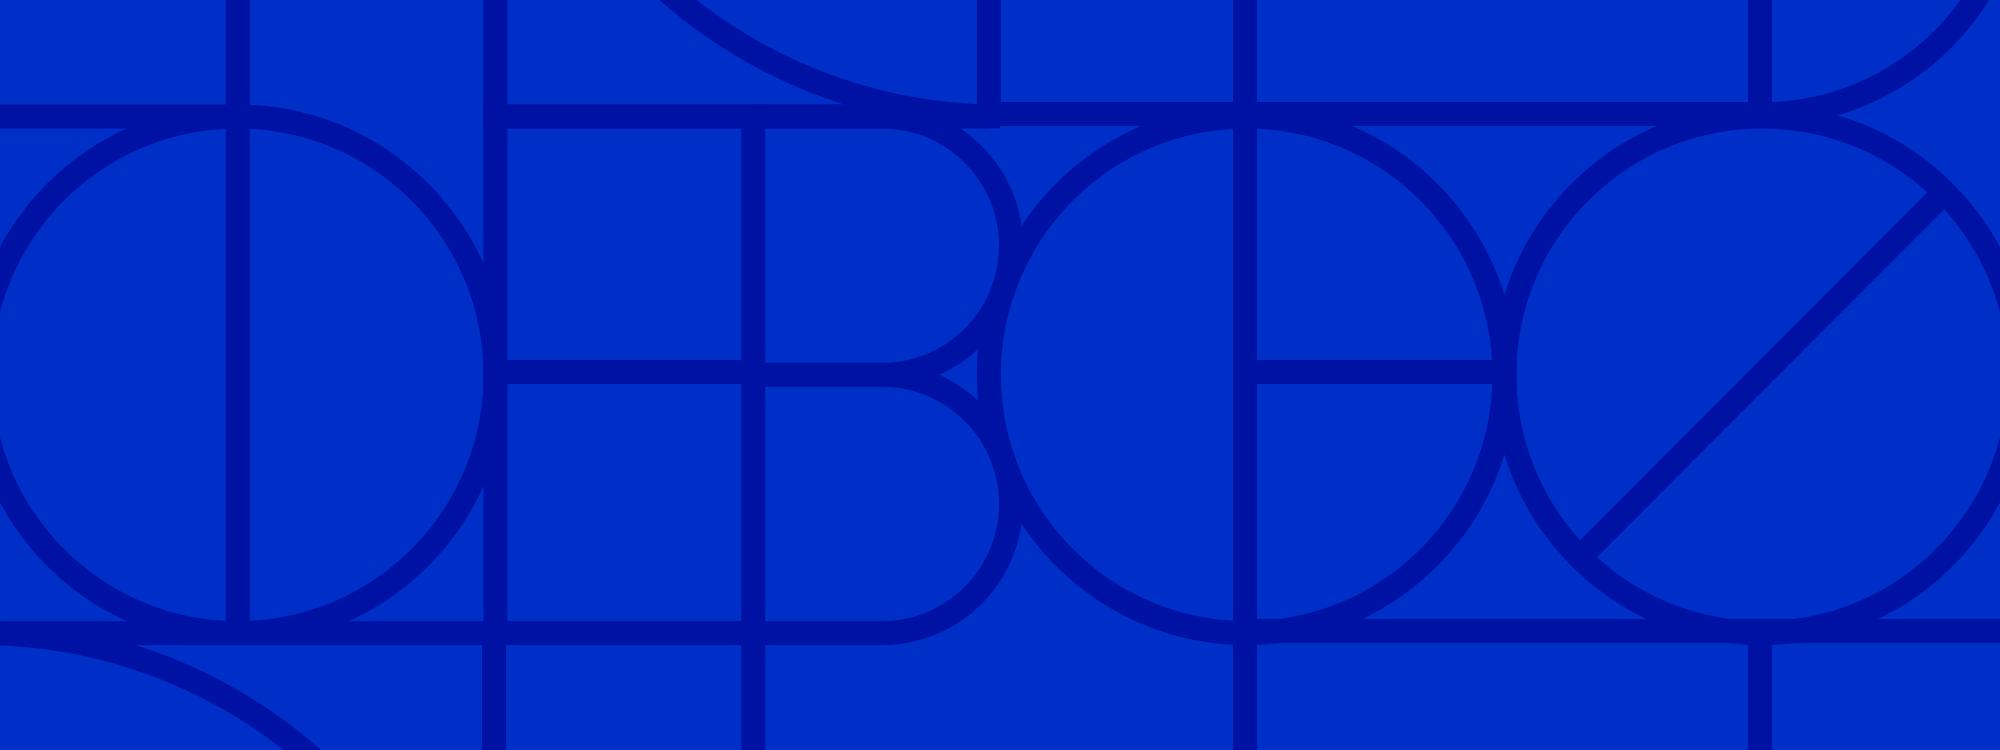 designbetter-blog-images-launch-bg.png?v